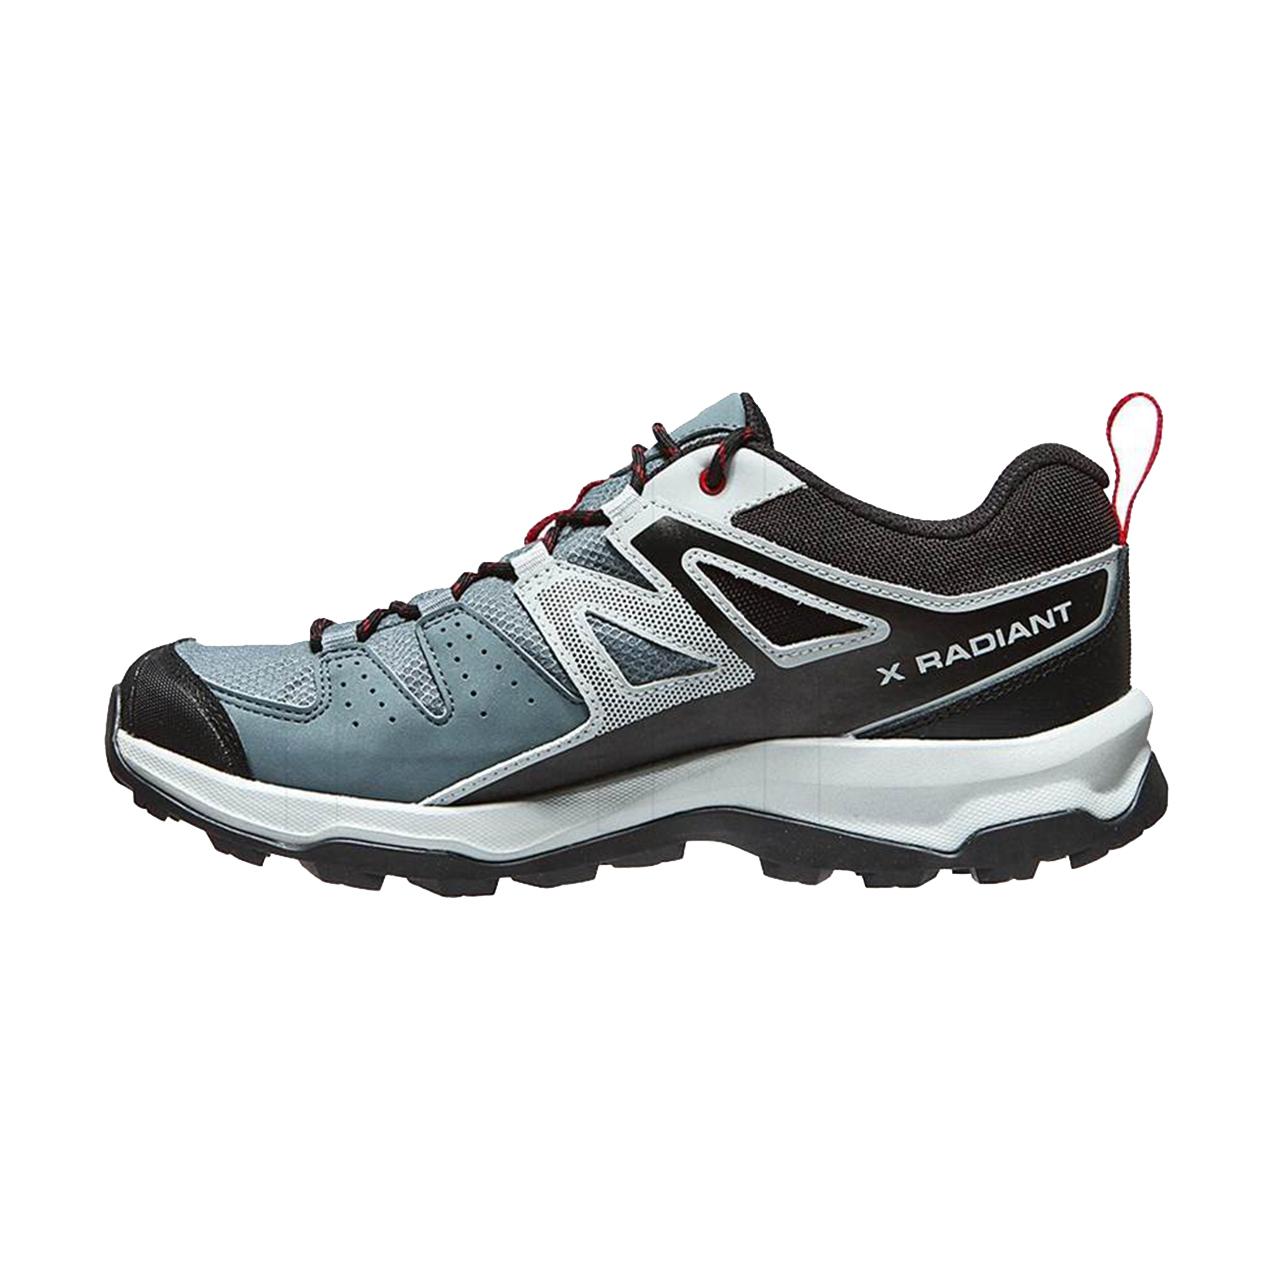 قیمت کفش مخصوص پیاده روی مردانه سالومون مدل 404830 MIRACLE